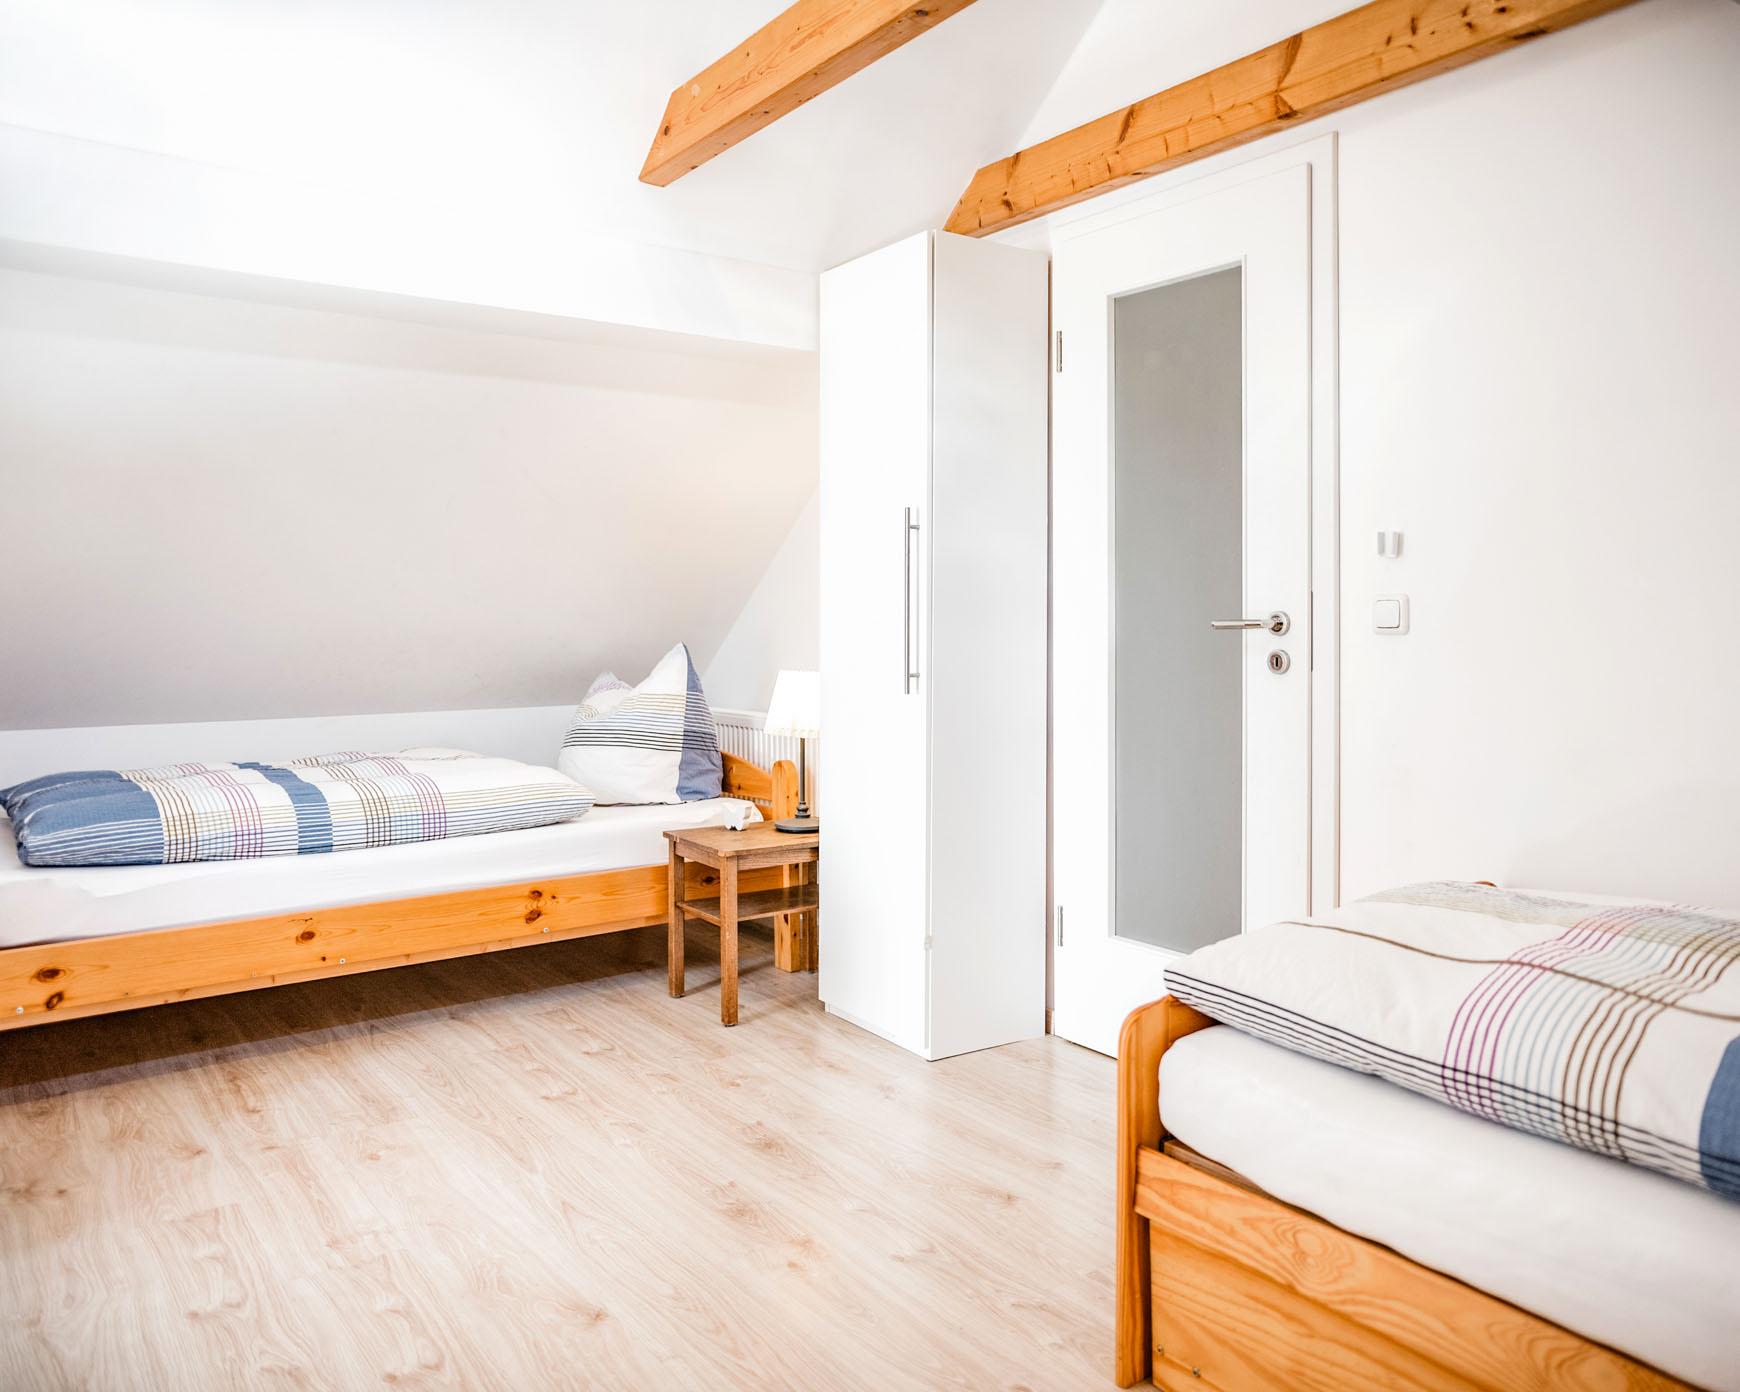 Ferienwohnung - Betten Durchgangszimmer